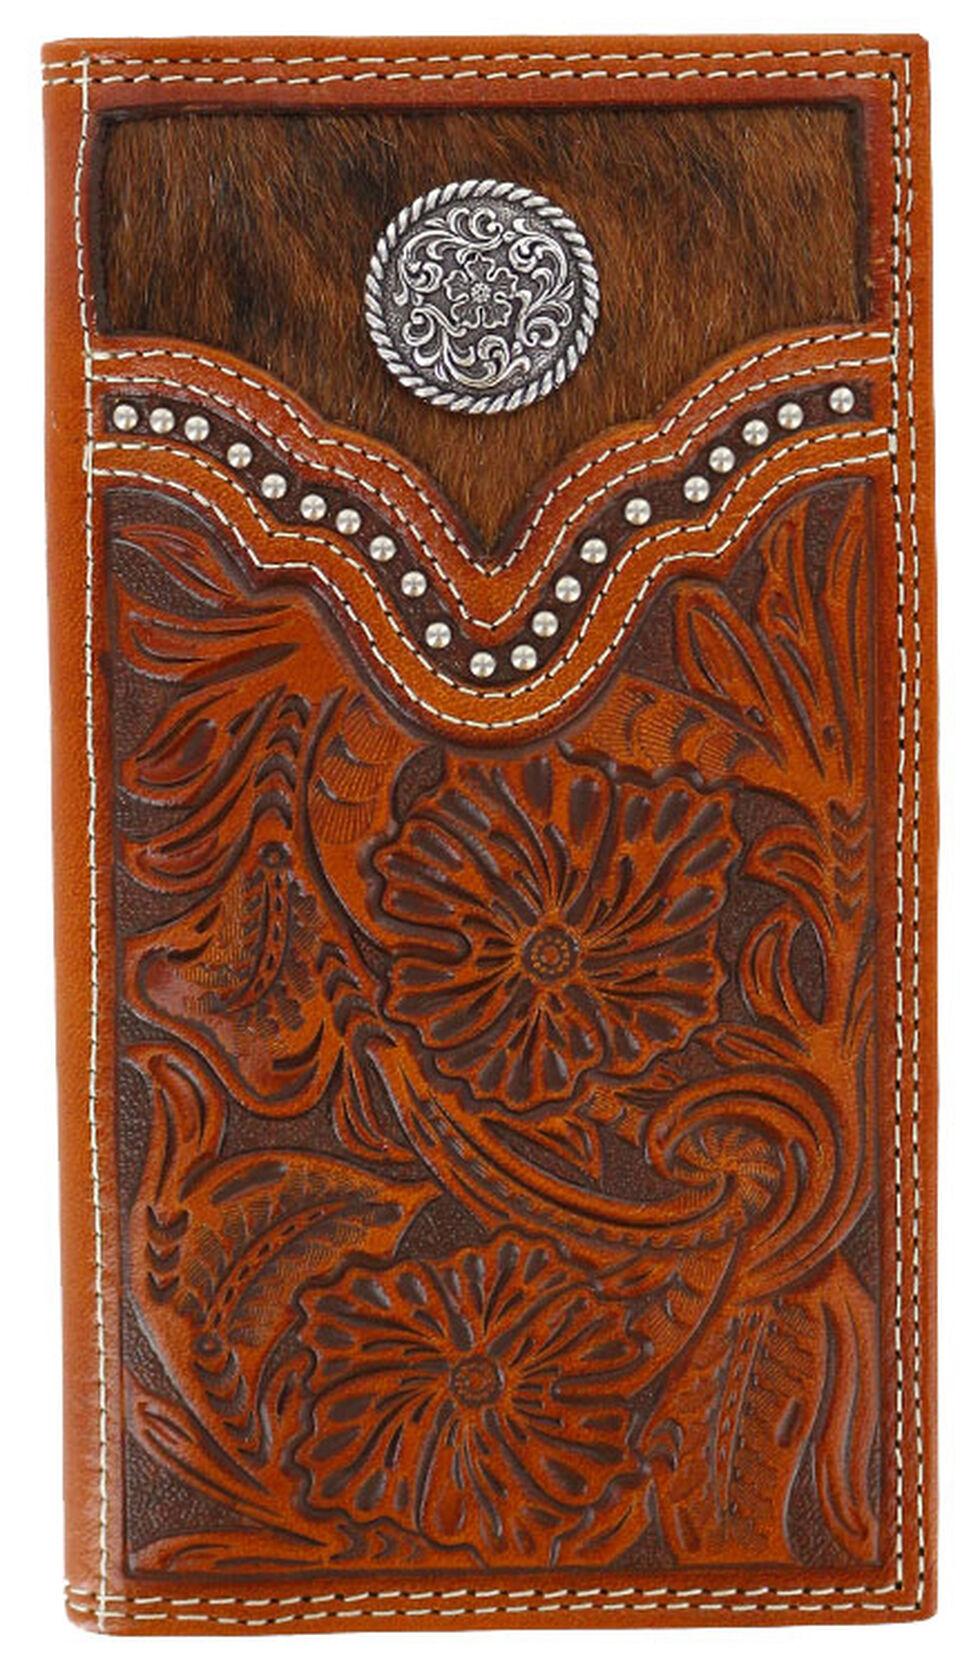 Cody James Men's Hair-on-Hide Rodeo Wallet, Brown, hi-res